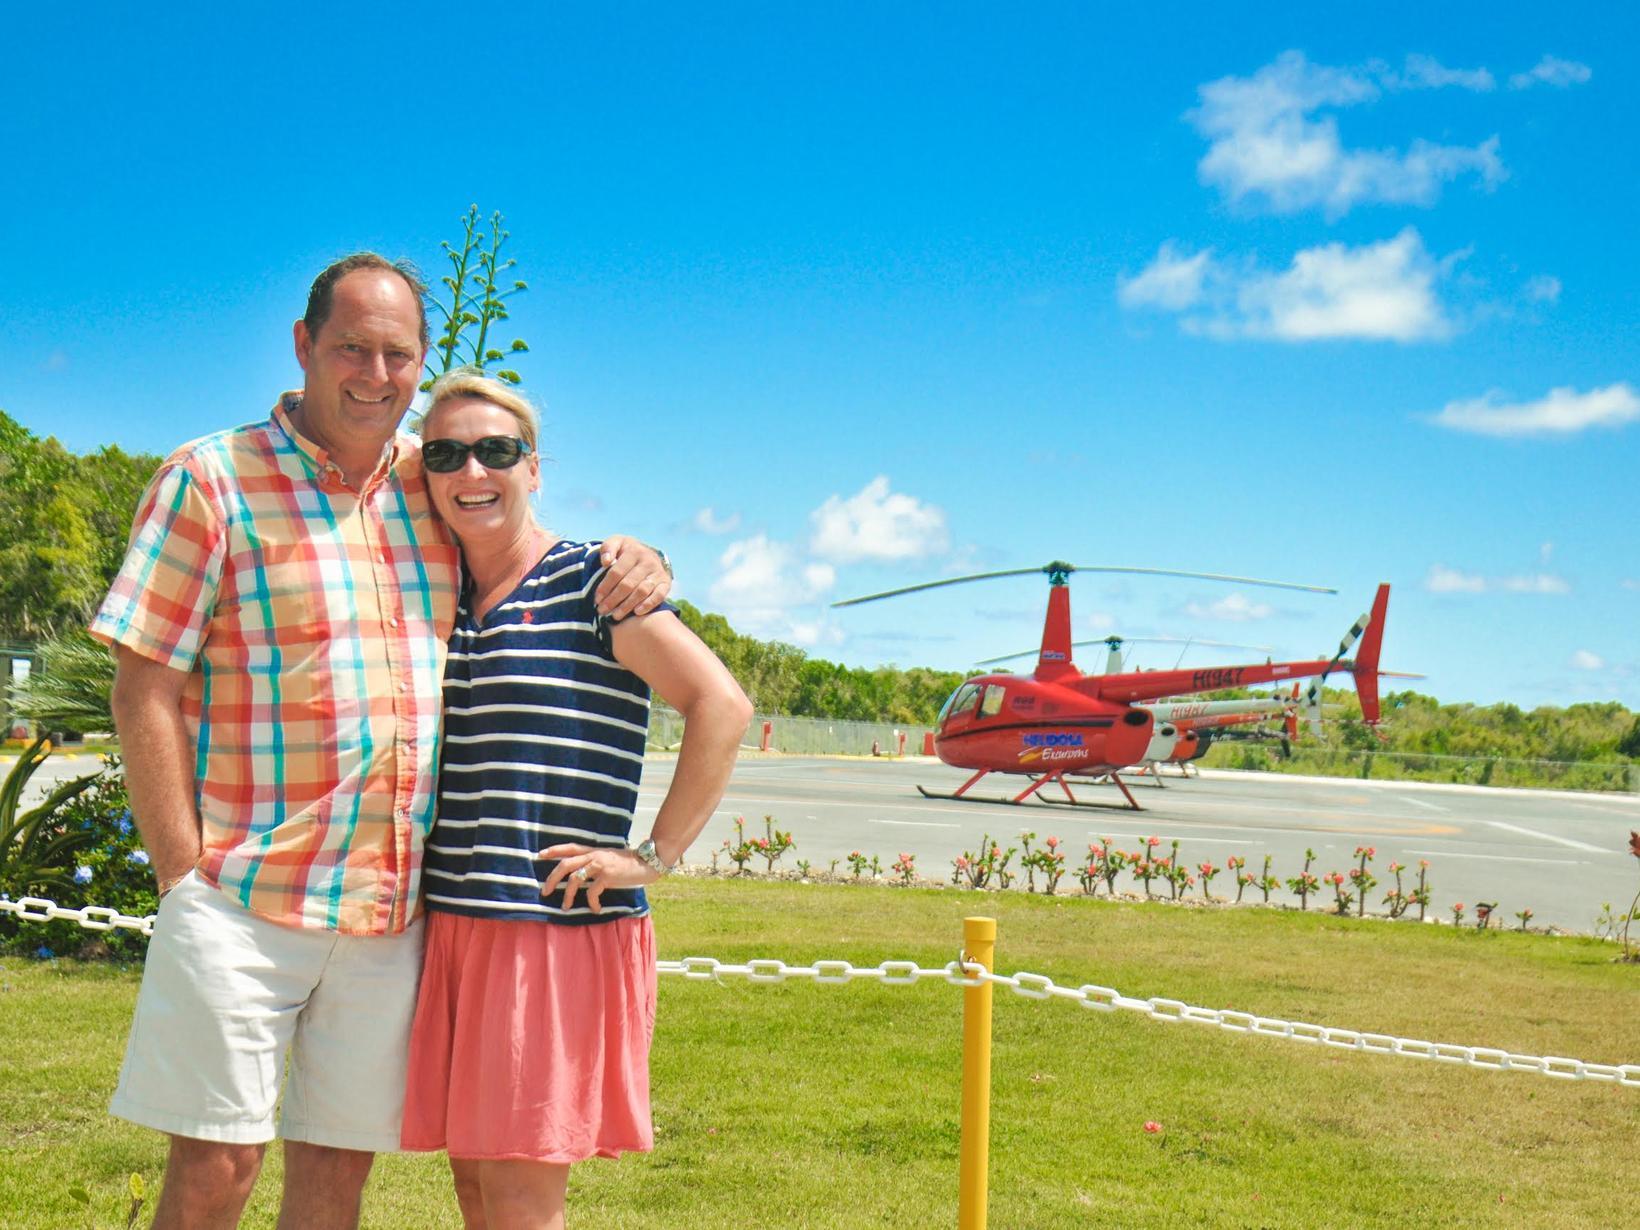 Manon & Michael from Toronto, Ontario, Canada